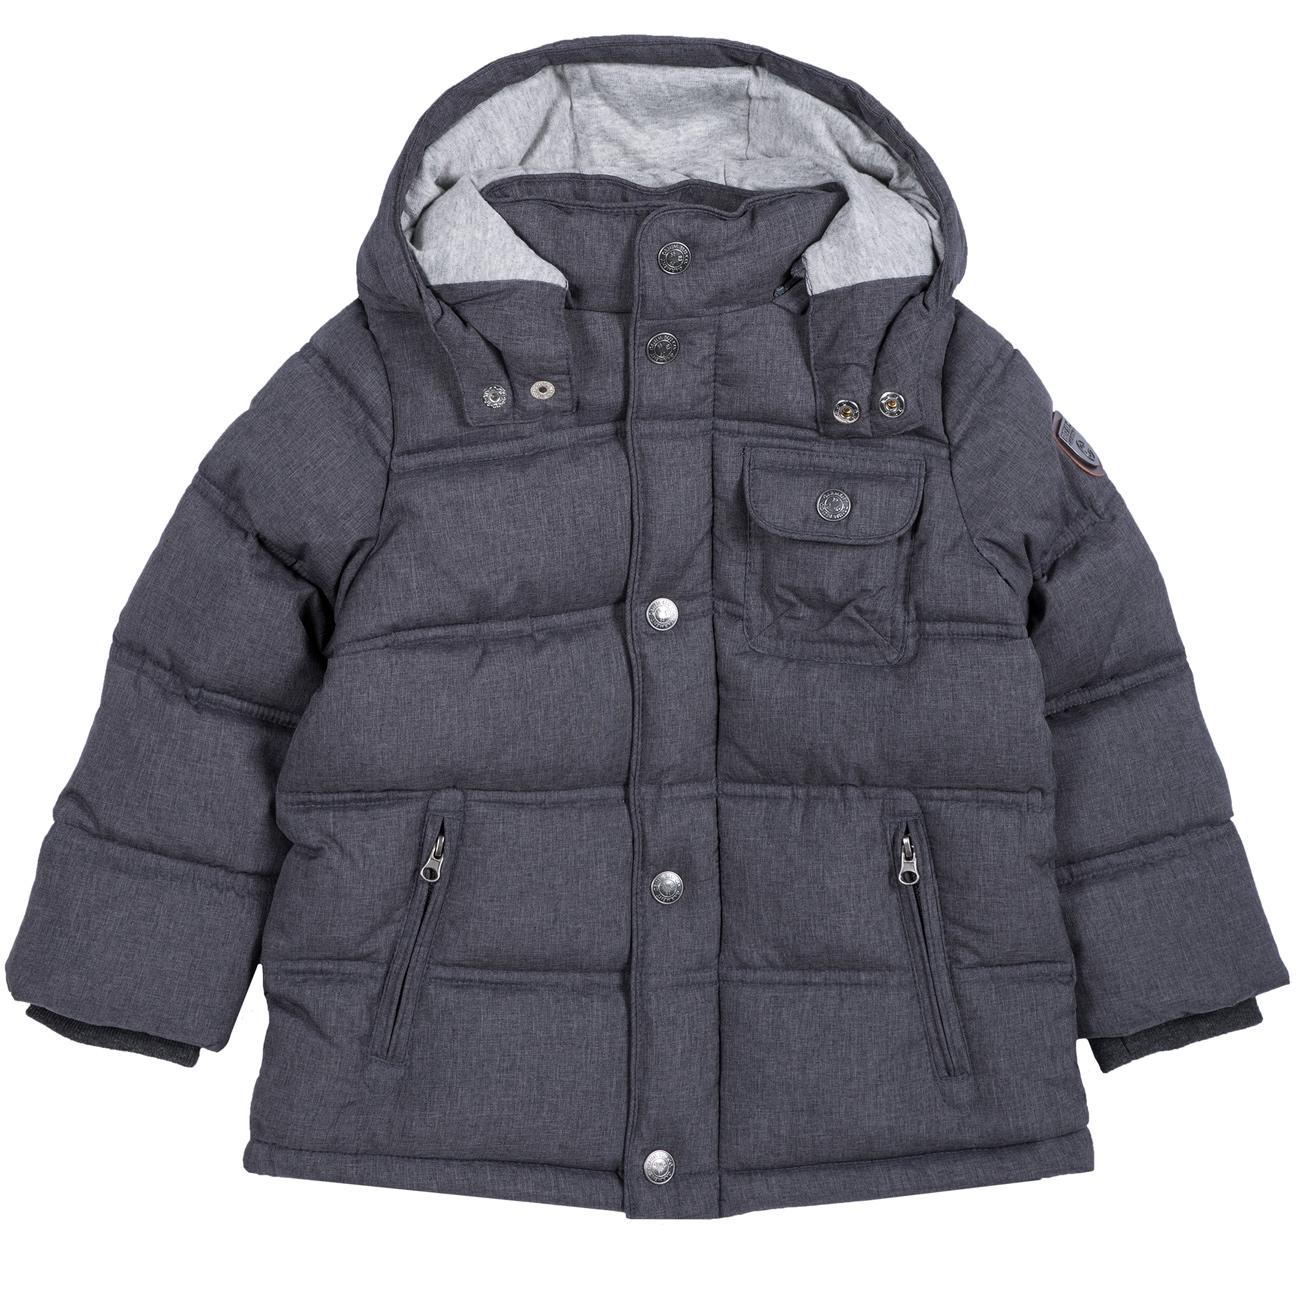 Jacheta copii Chicco negru 128